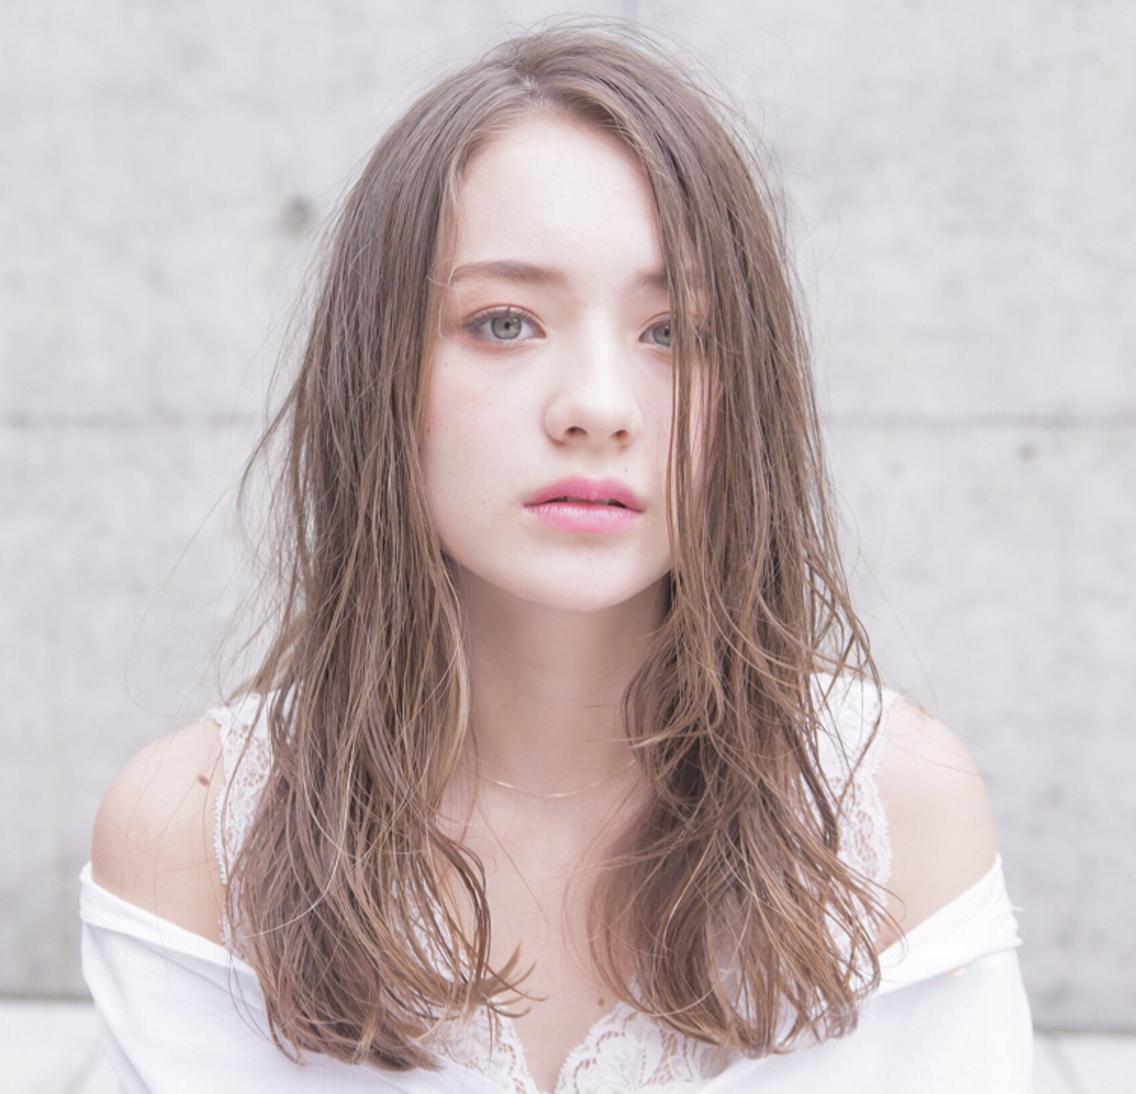 ✨当日予約ok✨Bestsalon受賞店☘メンズもOK‼️限定キャンペーン❤️口コミ評価5.0✨可愛くかっこよくなりたい方ぜひ☘️